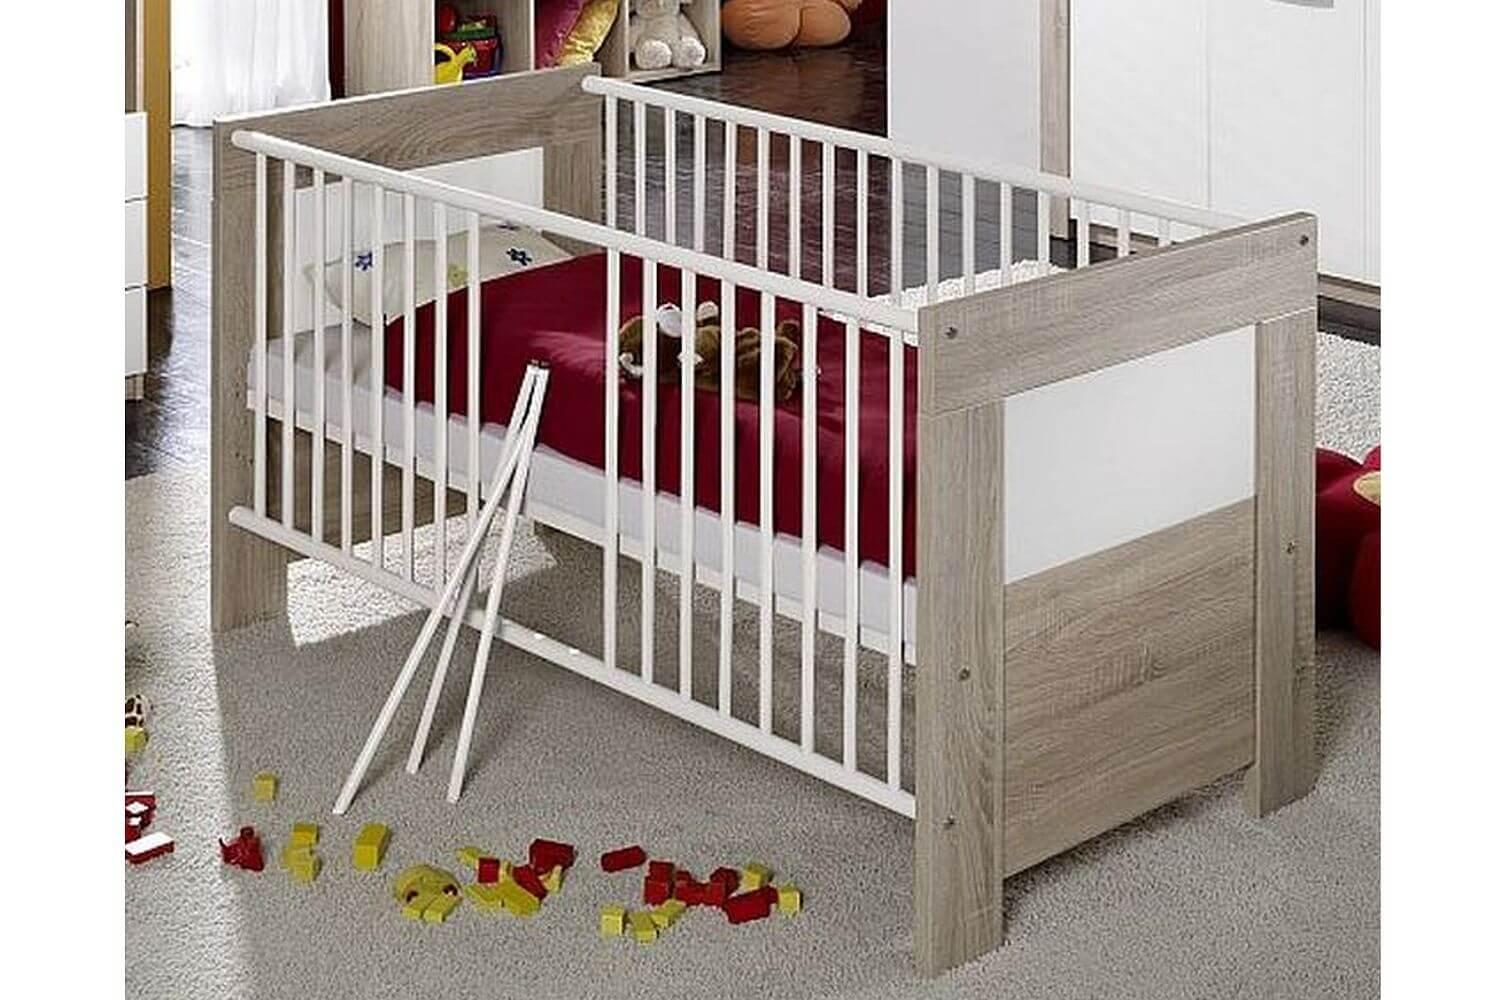 kinderzimmerset babyzimmer babybett wickelkommode babyerstausstattung regal neu ebay. Black Bedroom Furniture Sets. Home Design Ideas